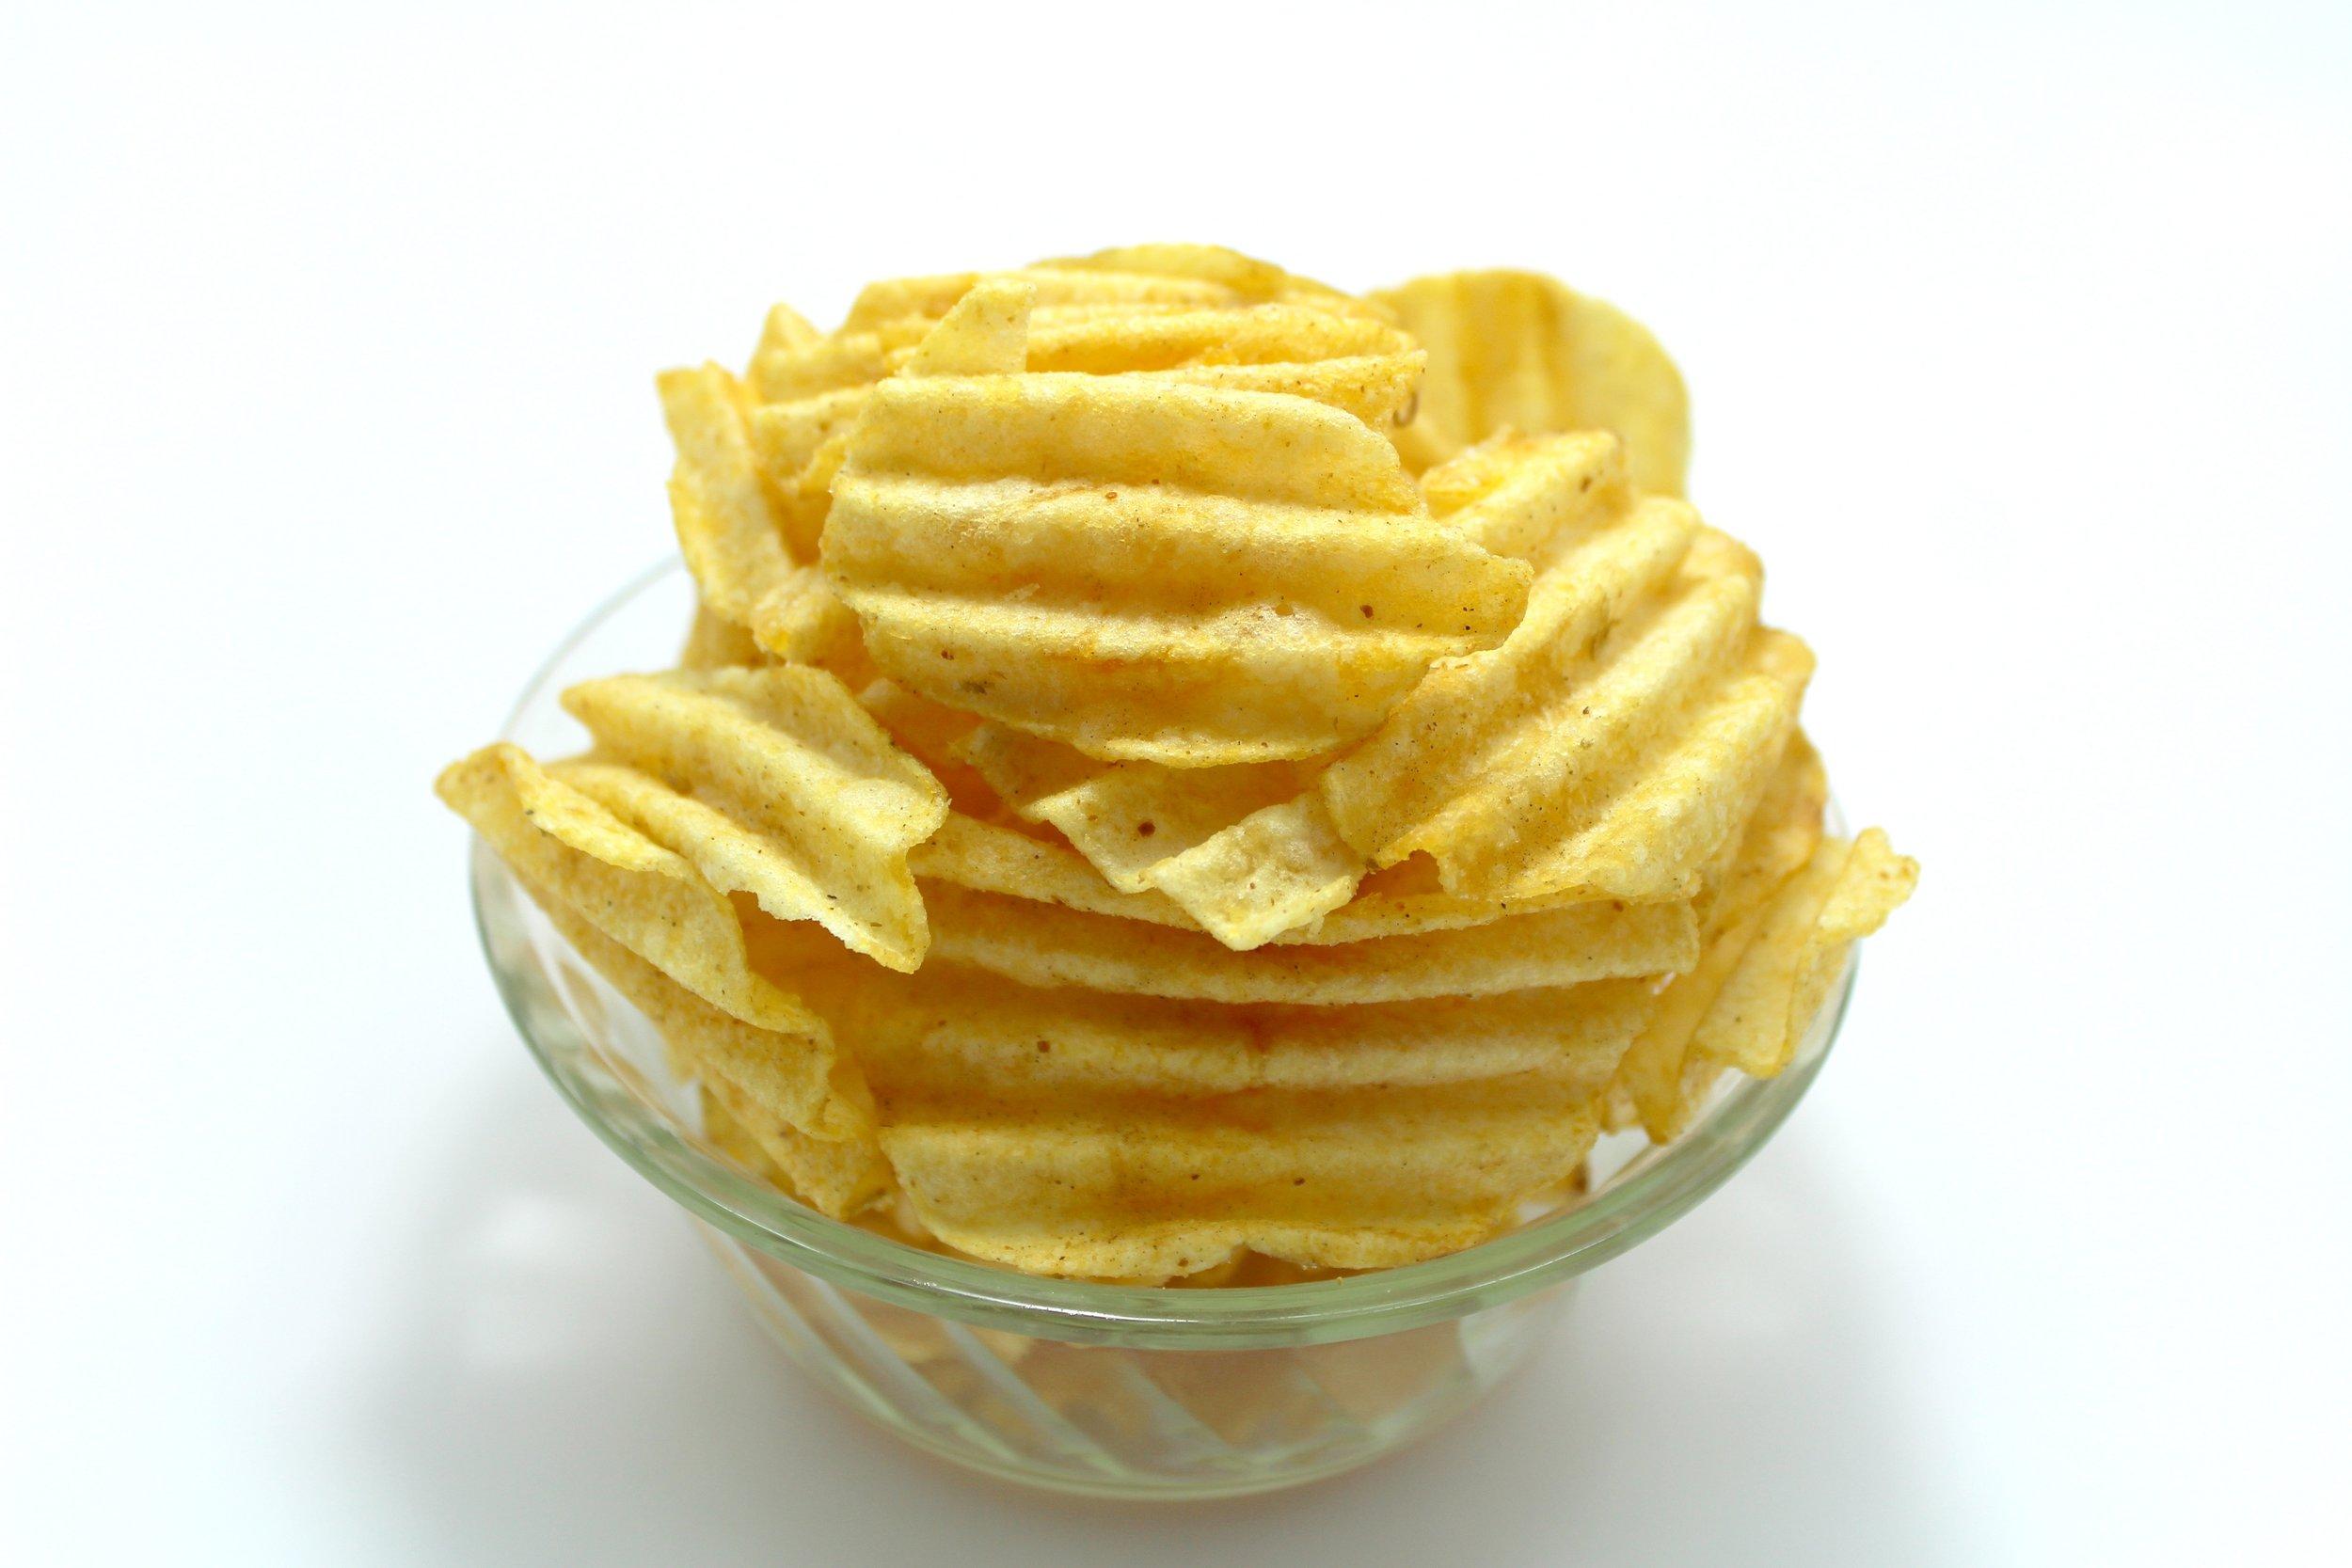 snack-1555532